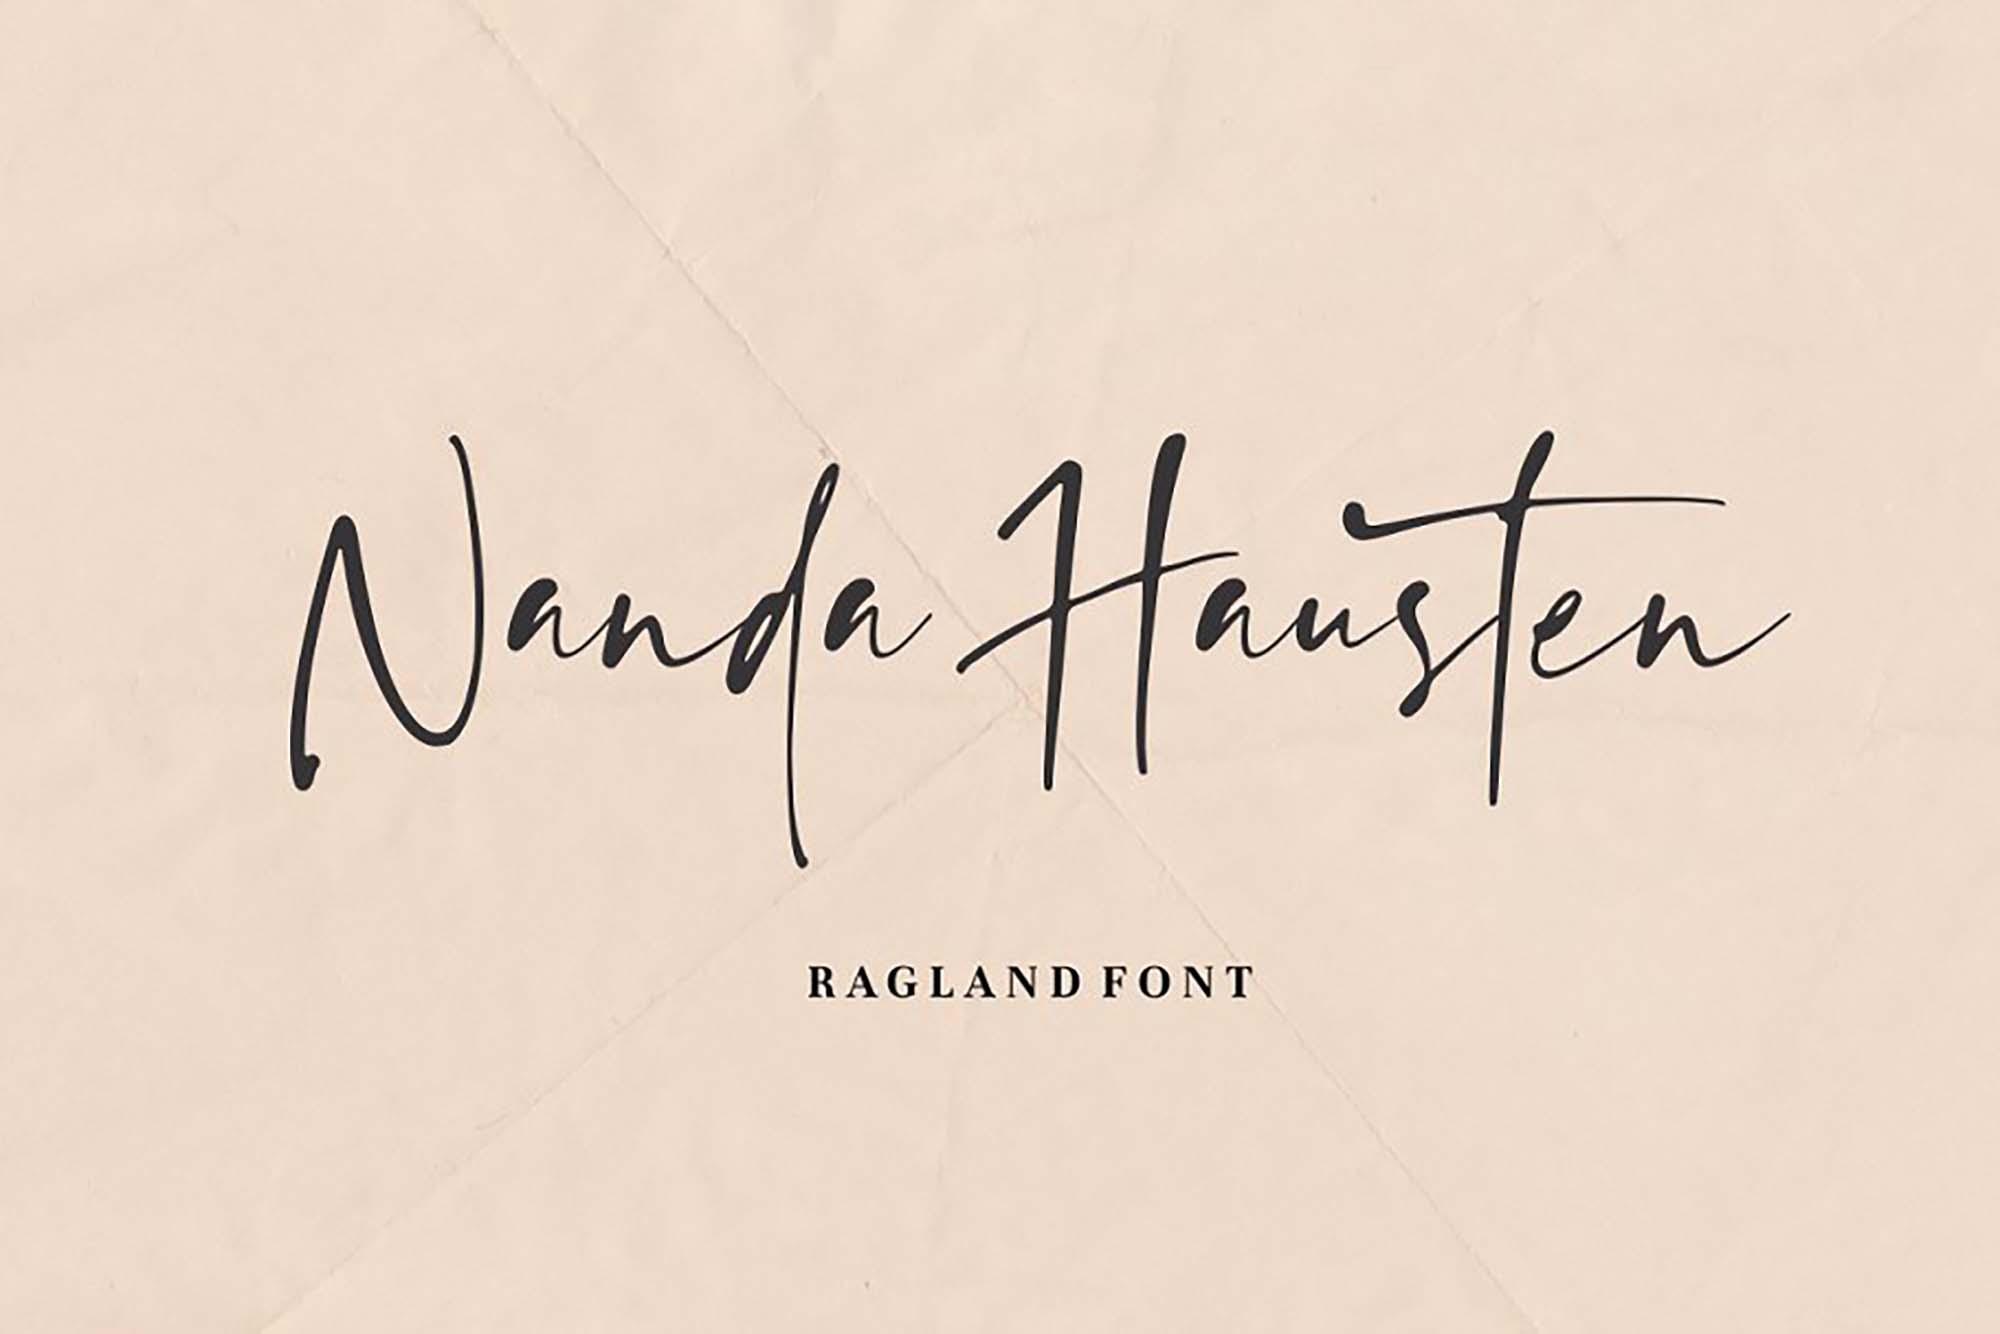 Ragland Handwritten Font 6